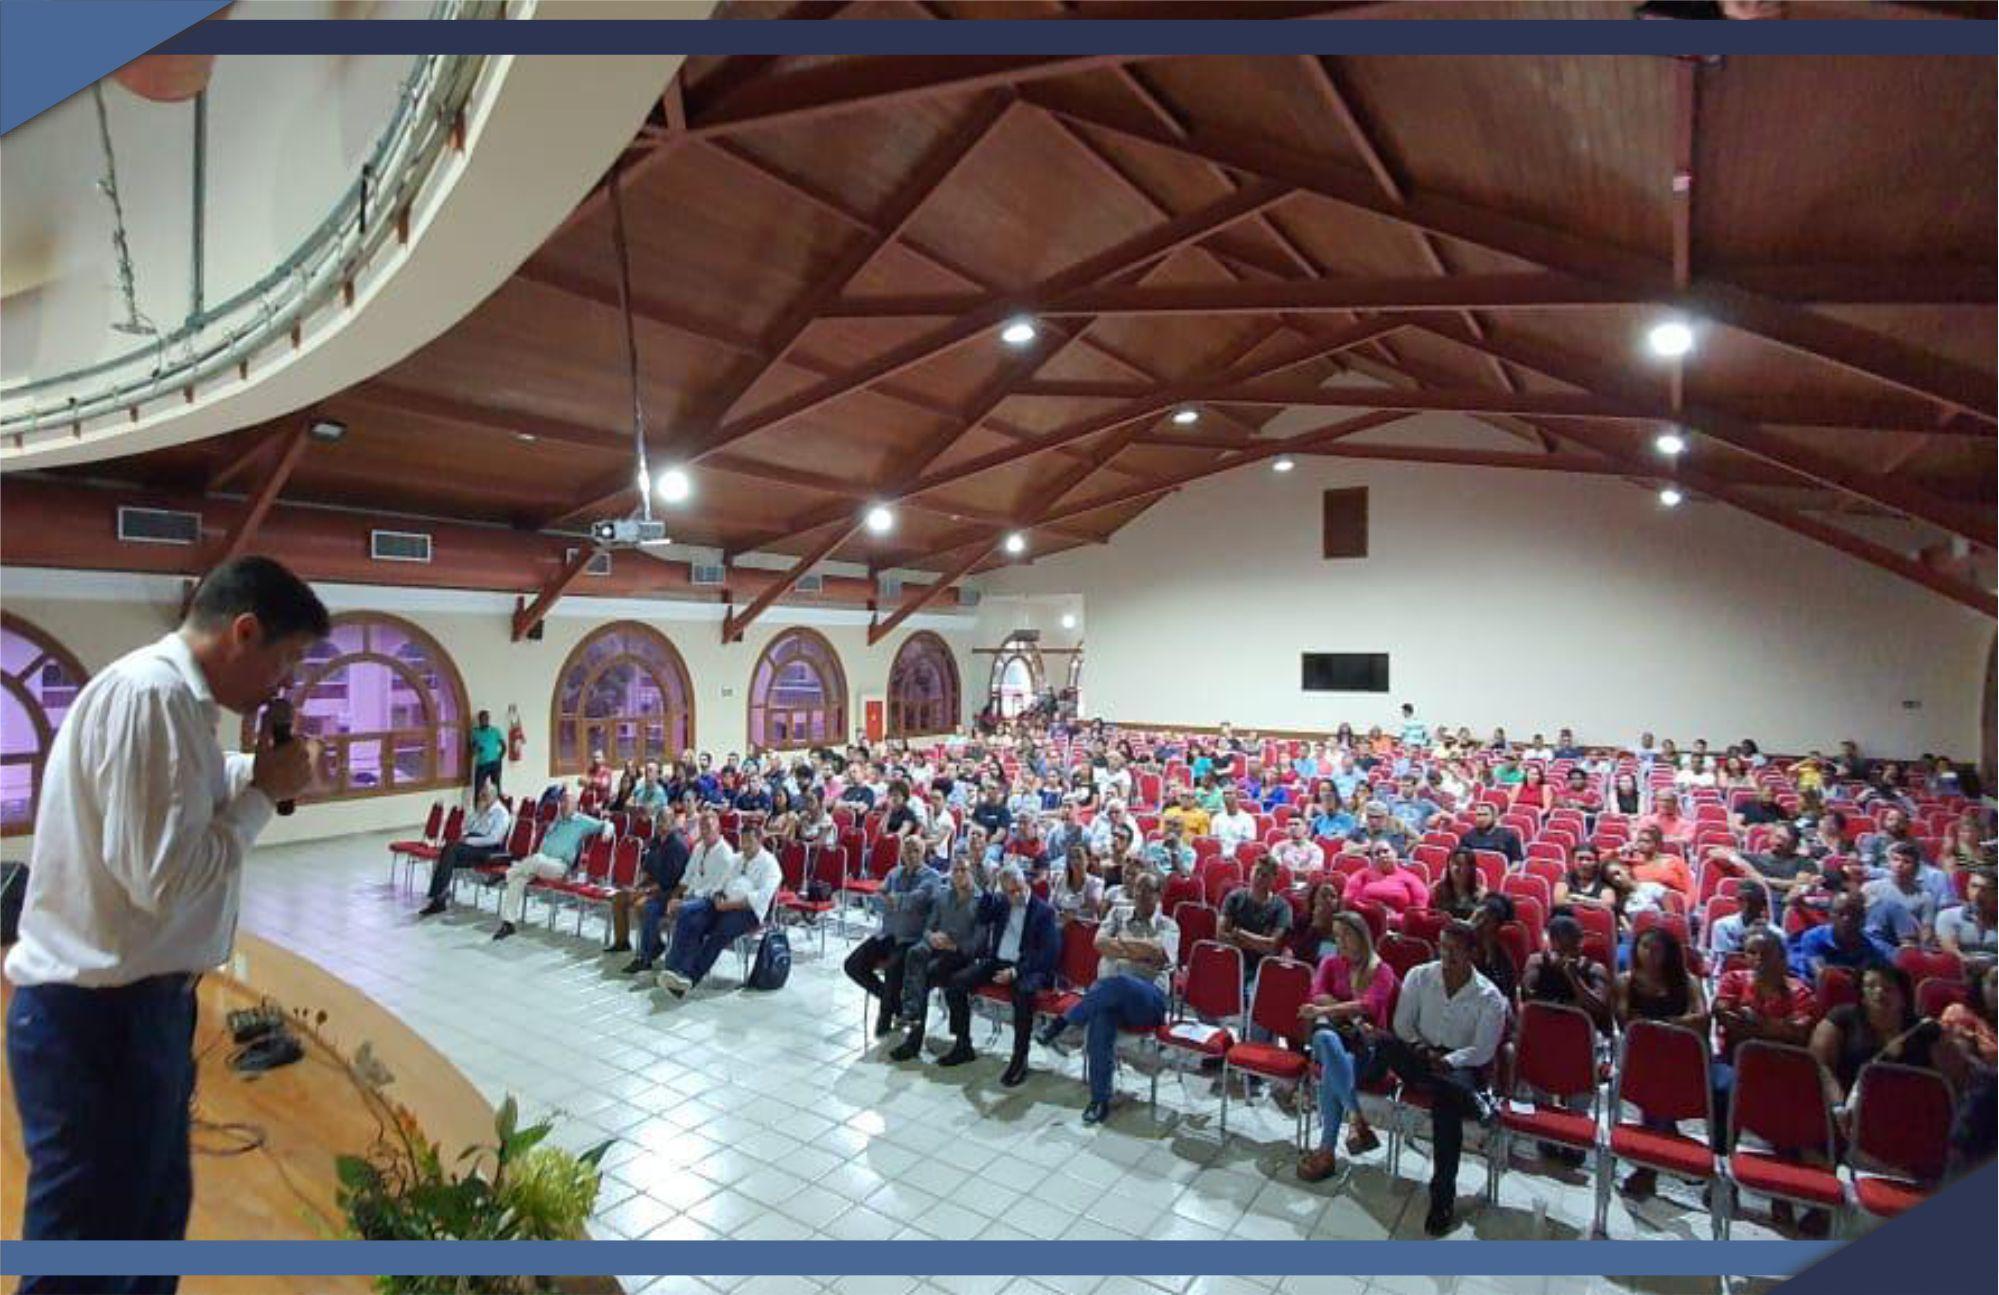 Quase 800 pessoas inscritas! FÓRUM DE EMPREGO, INOVAÇÃO E TECNOLOGIA É SUCESSO ABSOLUTO EM SÃO MATEUS